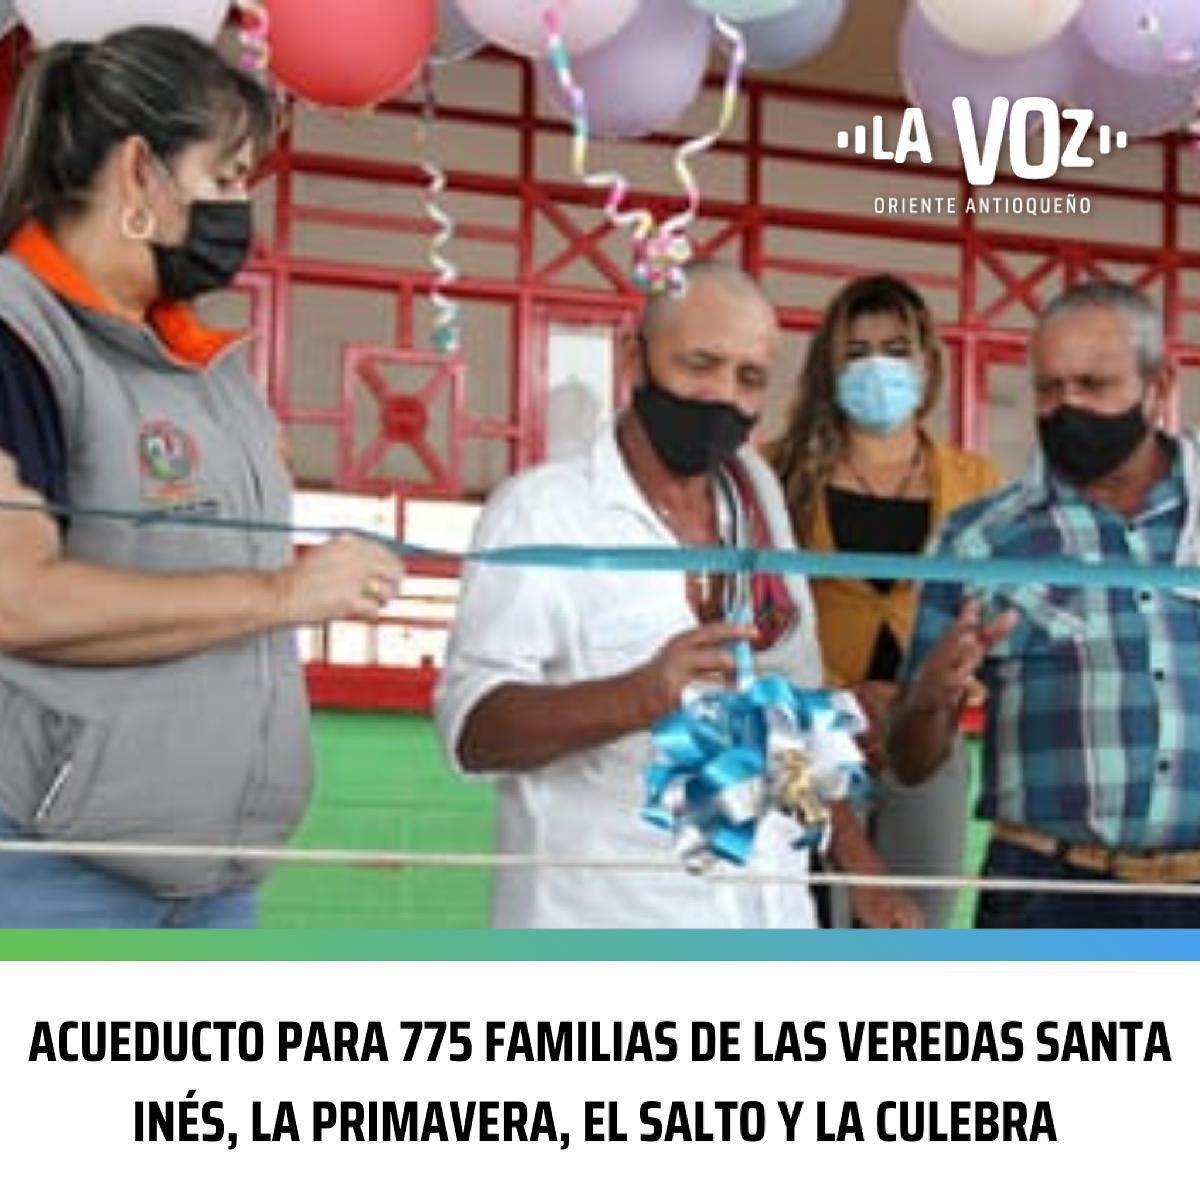 Acueducto para 775 familias de las veredas Santa Inés, La Primavera, El Salto y La Culebra